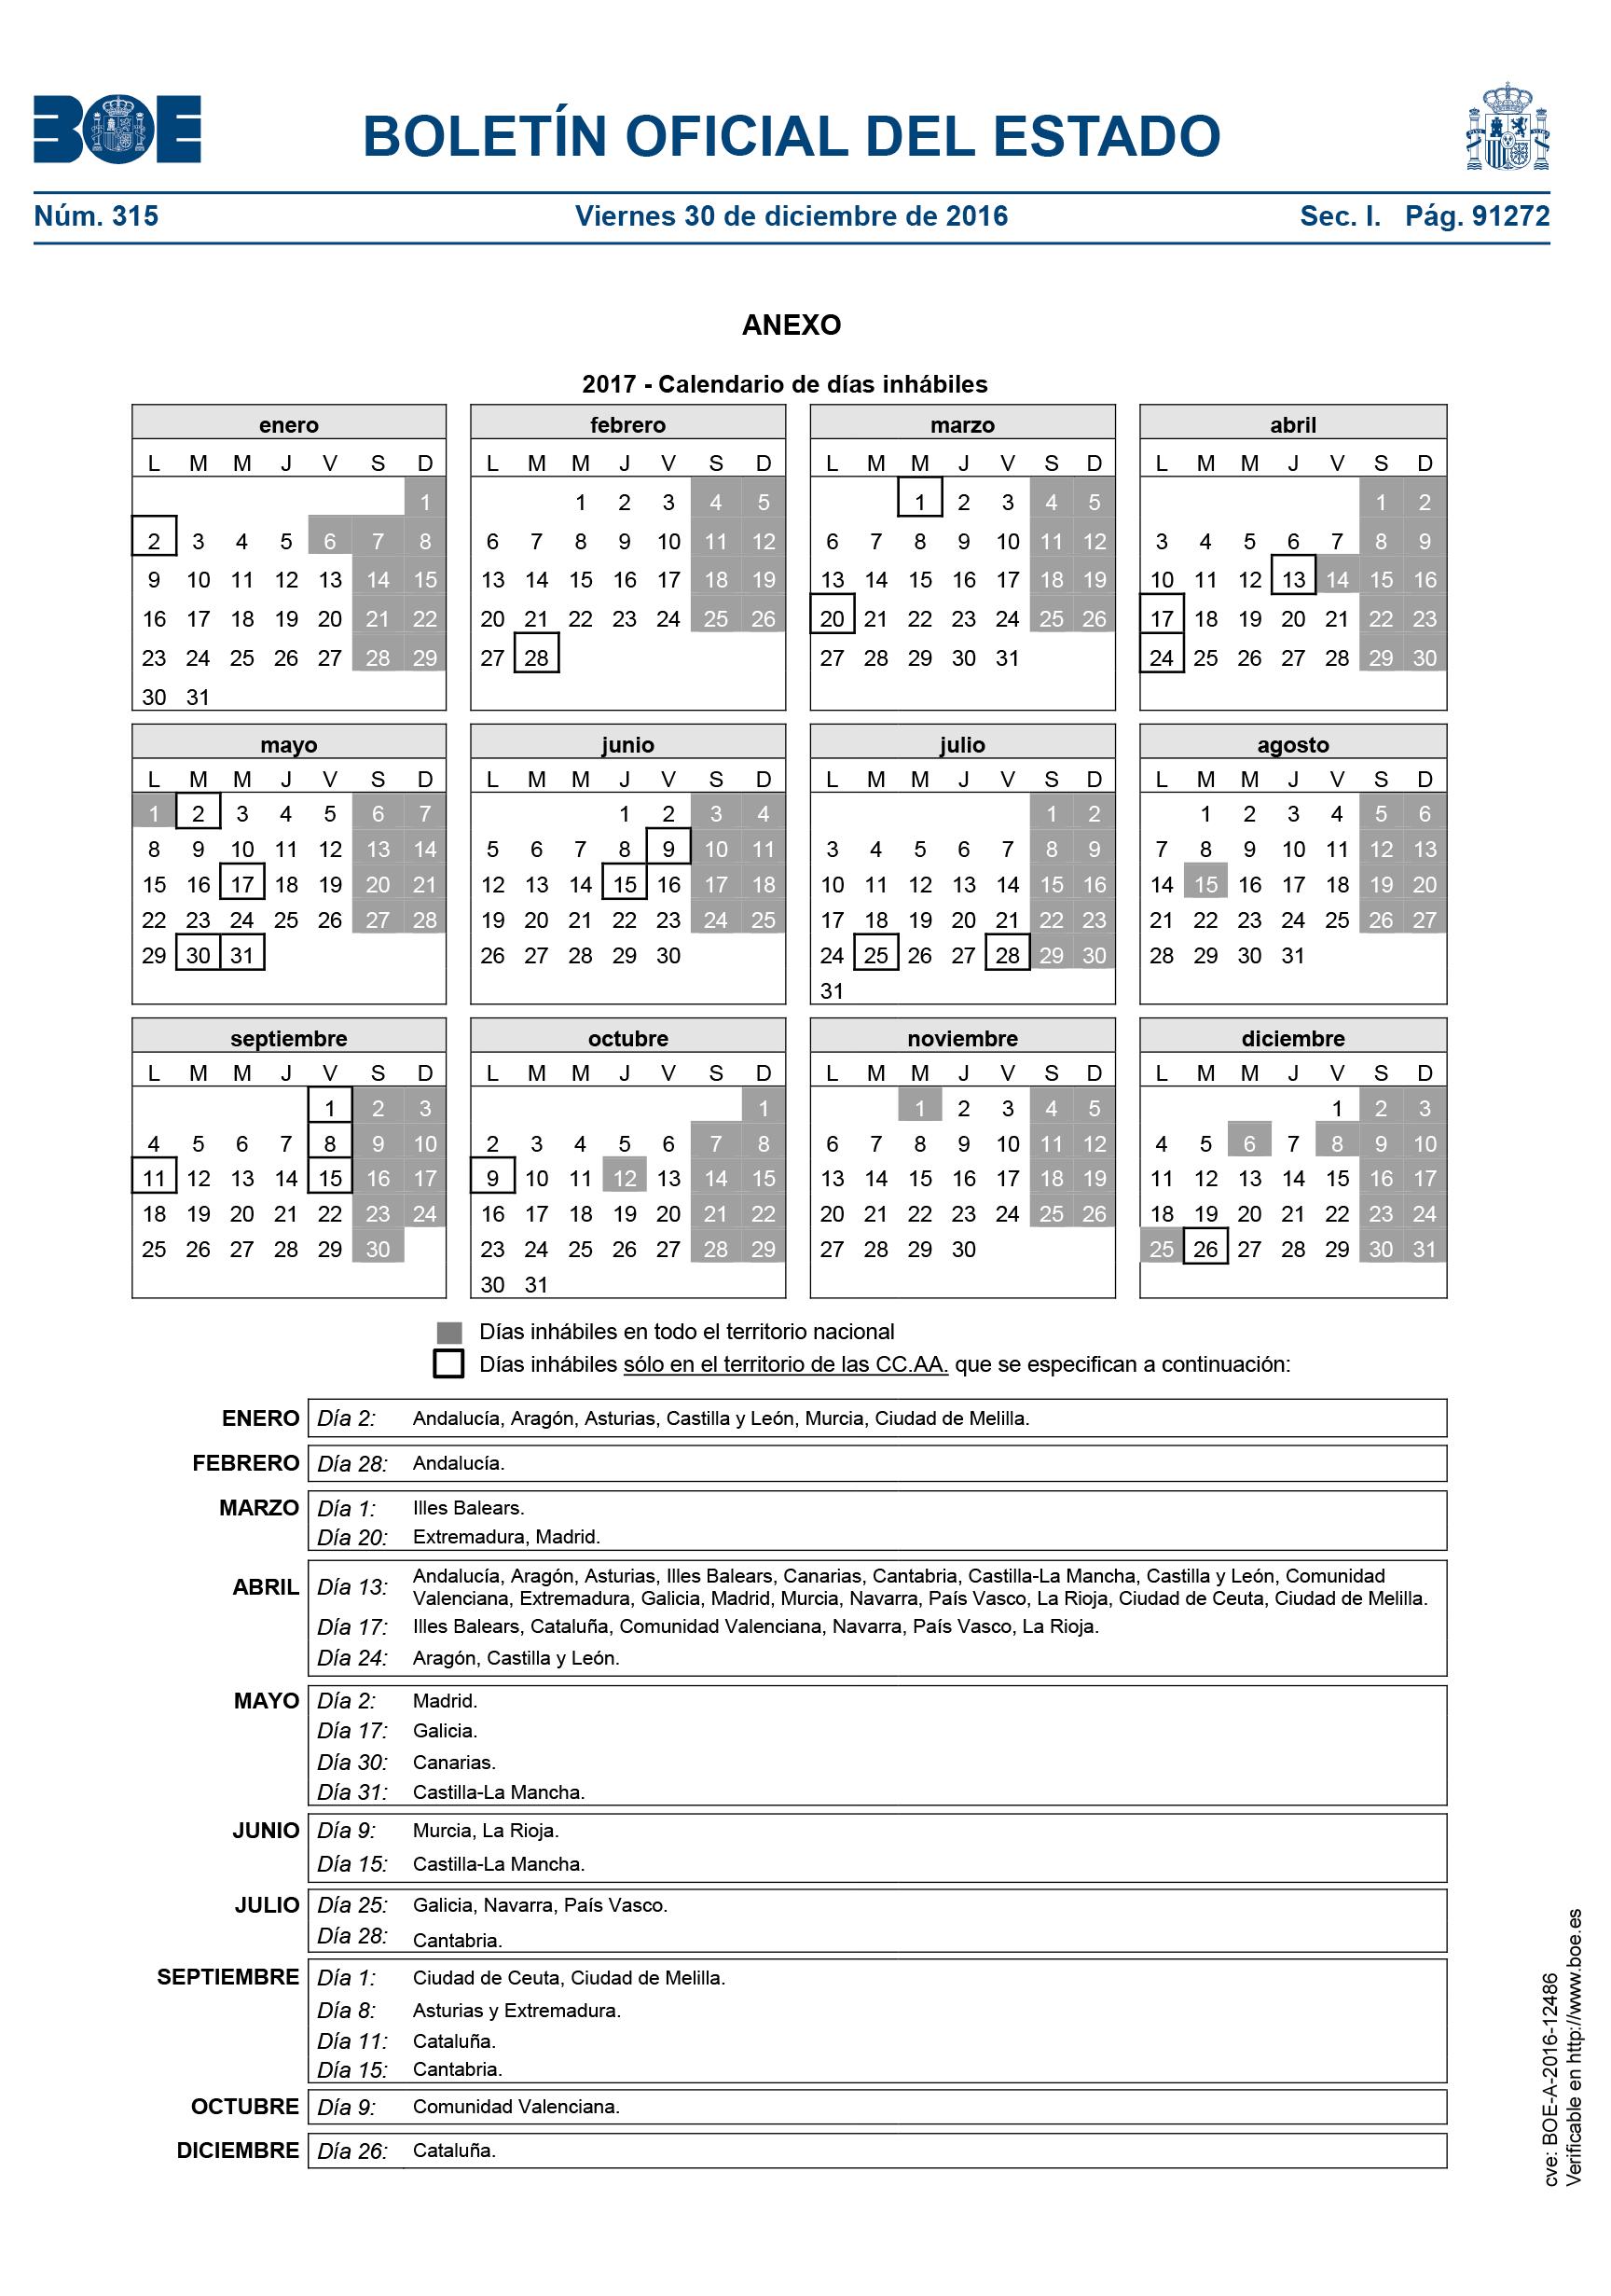 Calendario oficial del Boe Laboral 2016 BOE